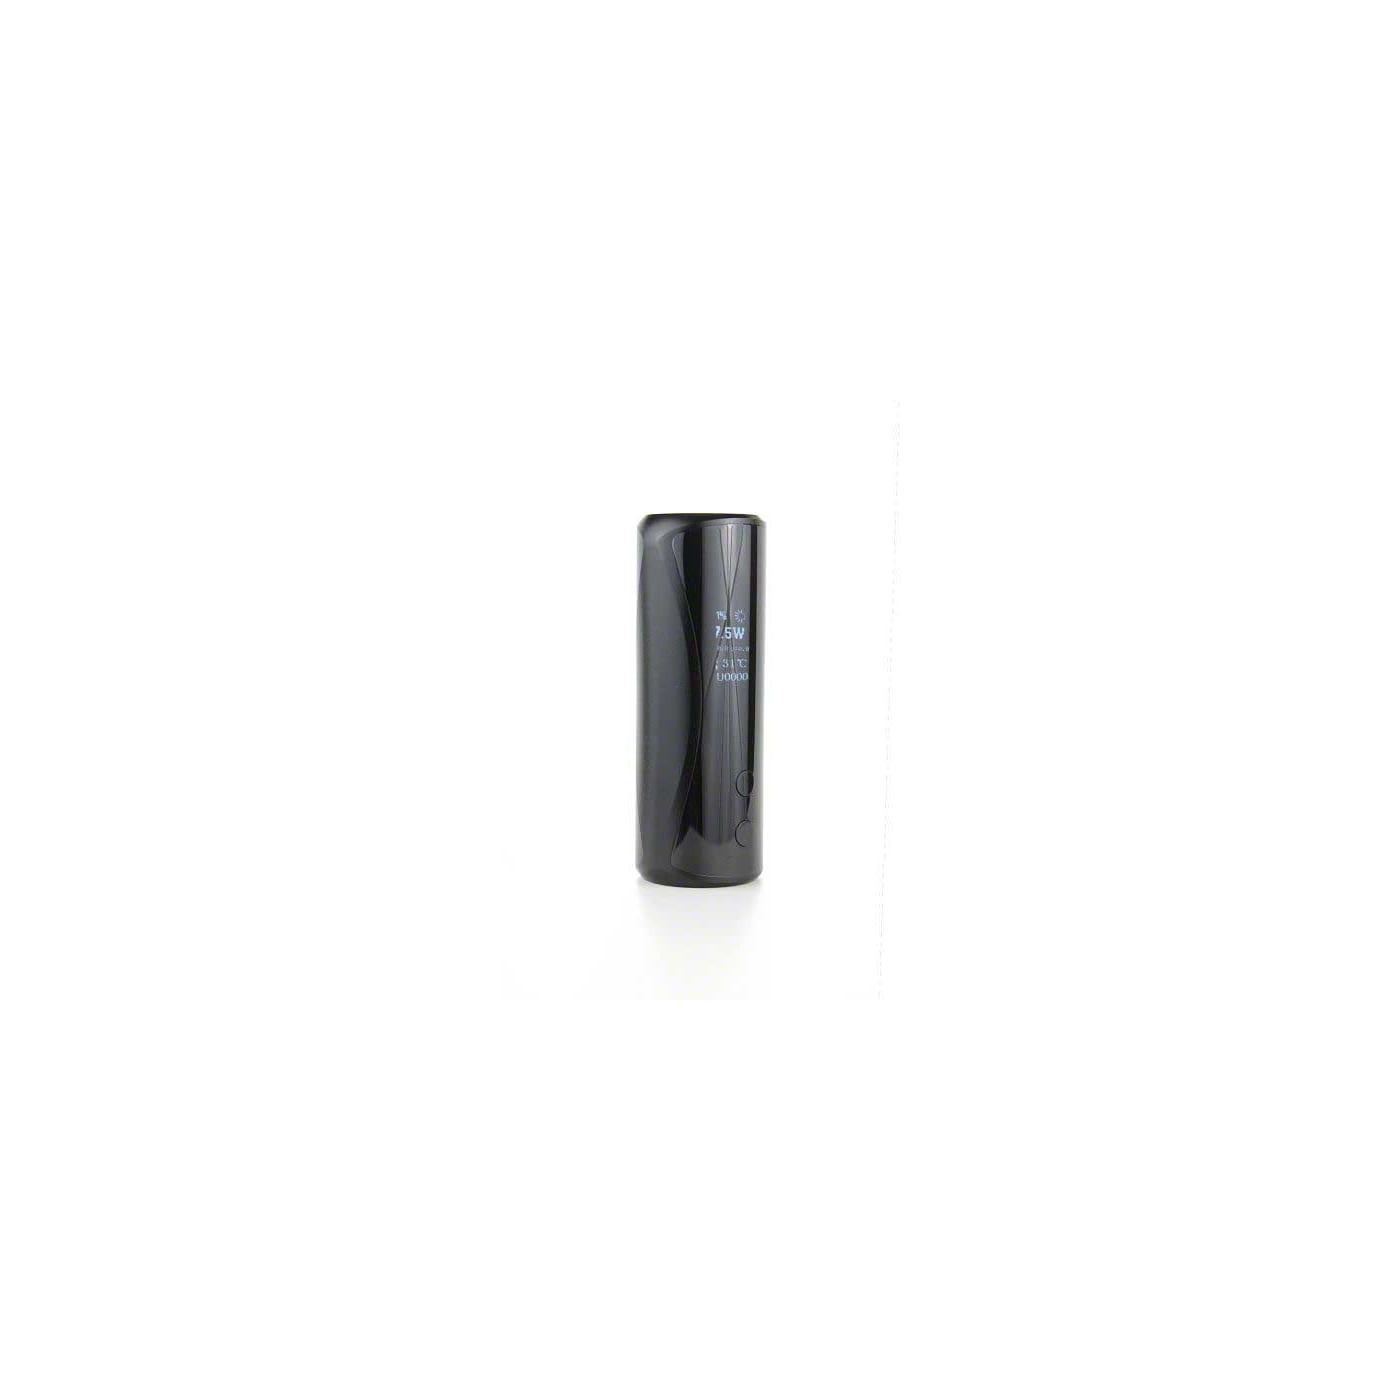 Cloupor T5 50 Watt Mod - Black